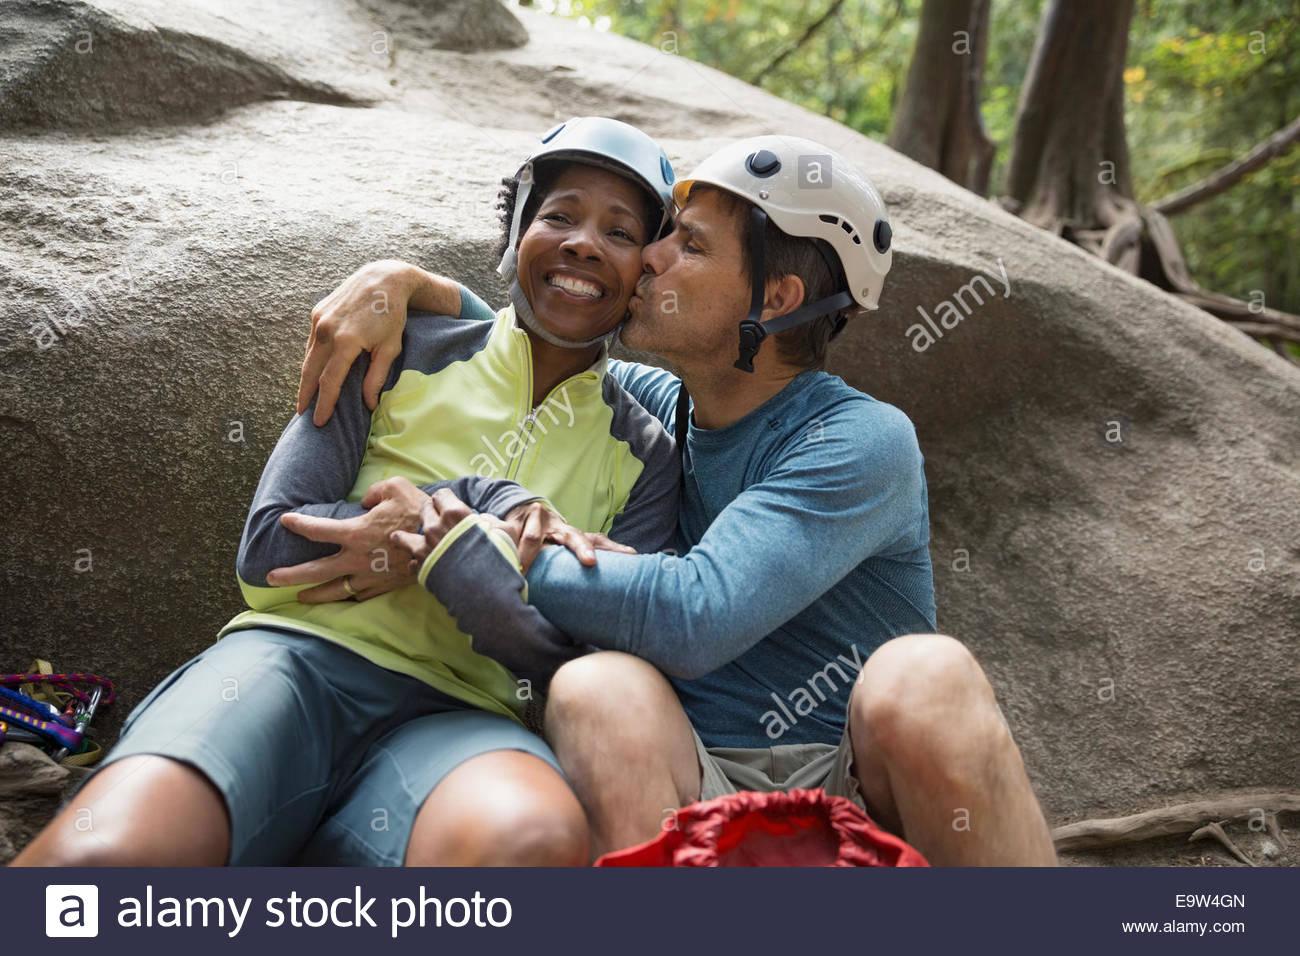 Paar in Helme küssen gegen Felsen-klettern Stockbild